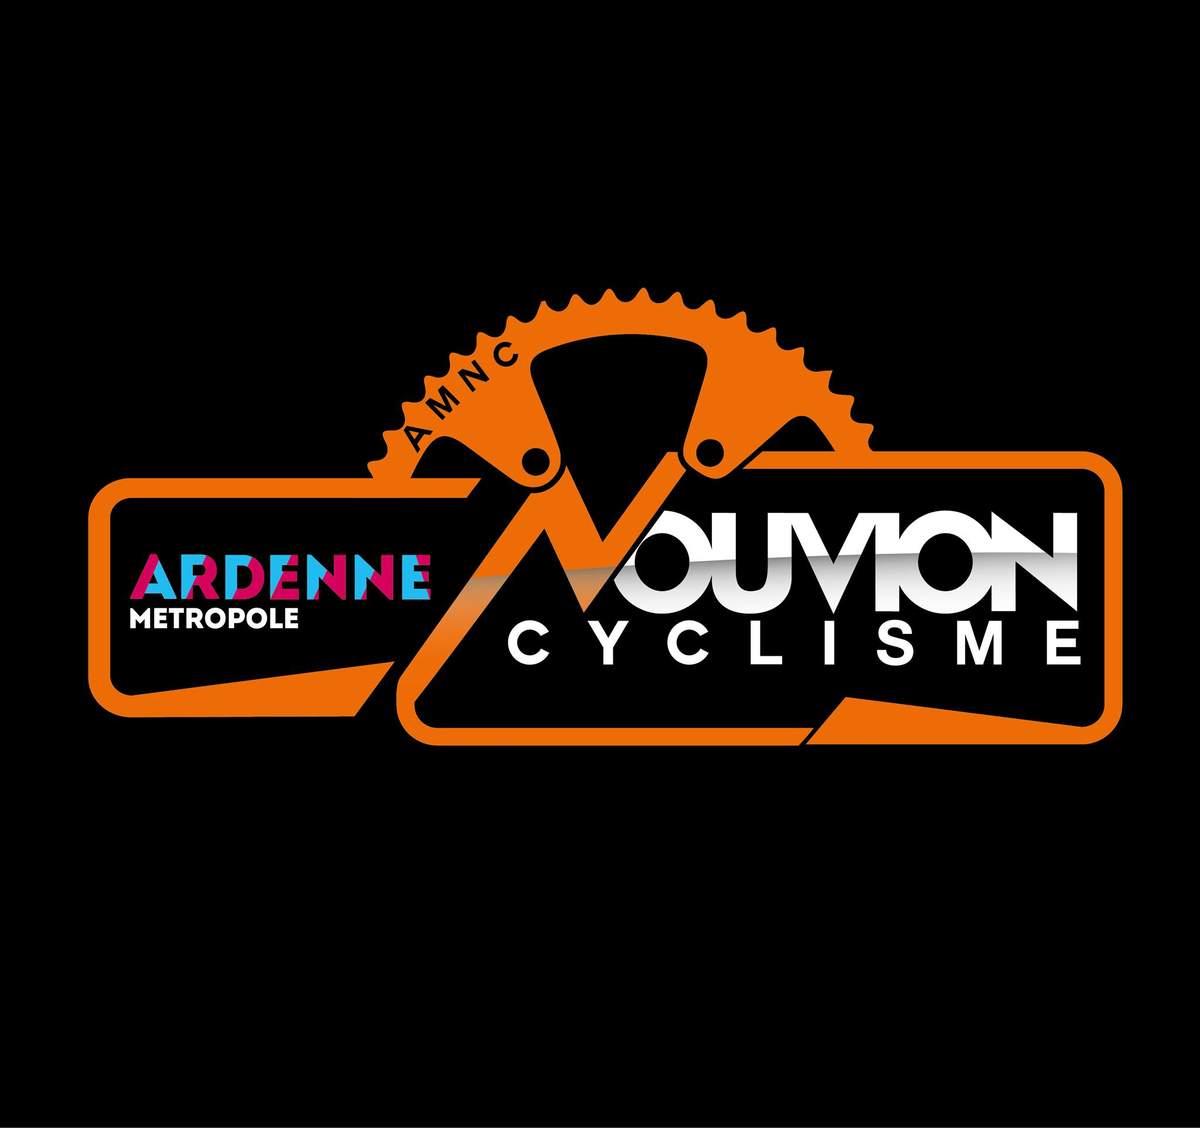 USCNouvion CyclismeL'USCN Cyclisme met en avant sur son site internet les sorties du club ainsi que les résultats, et met parfaitement en visibilité tous les partenaires du club!